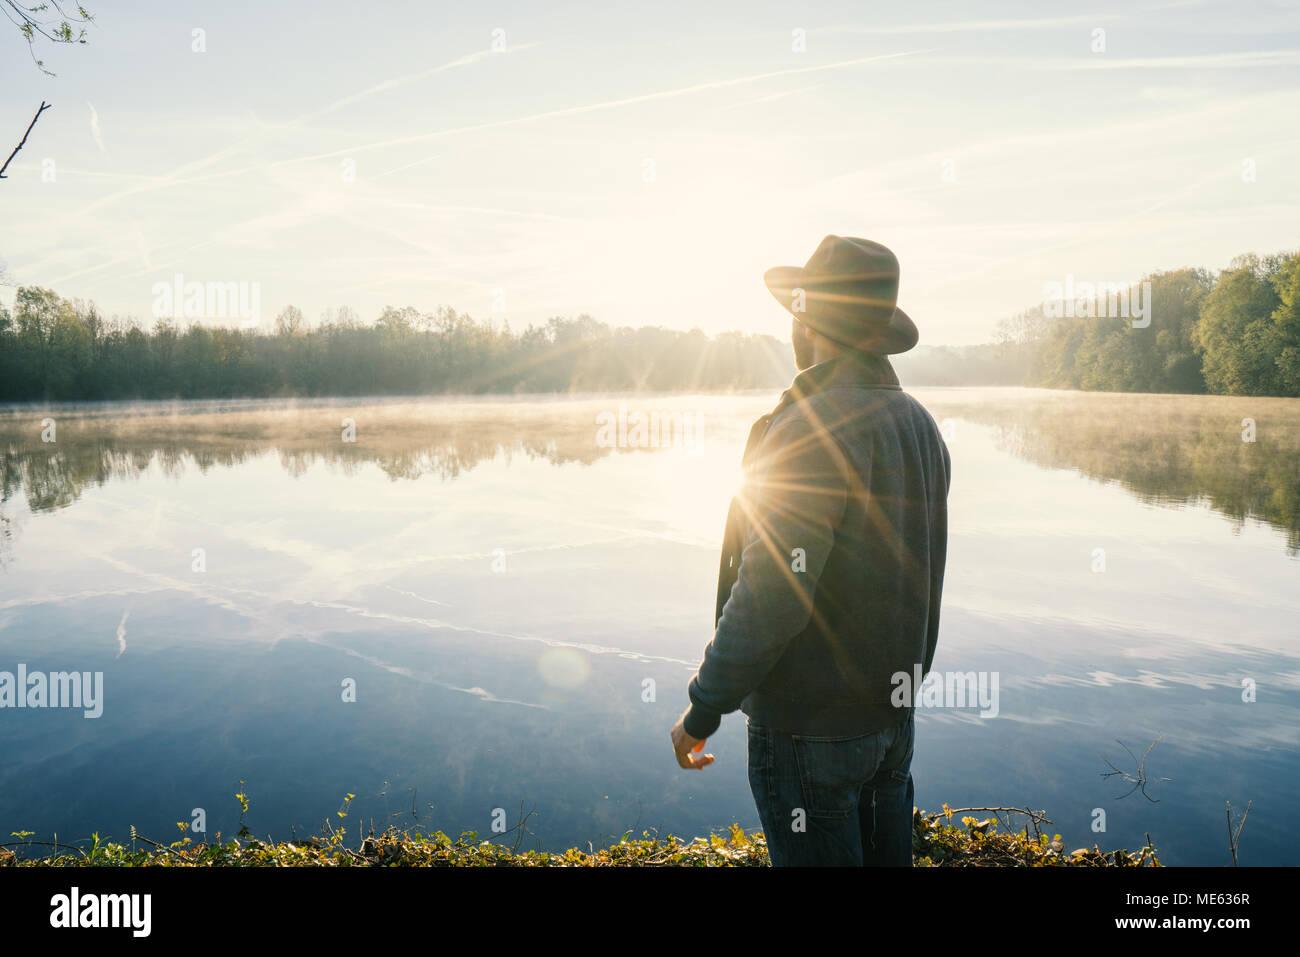 Jeune homme en contemplant la nature par le lac au lever du soleil, le printemps, la France, l'Europe. Les gens voyagent de détente dans la nature concept. Image tonique Photo Stock